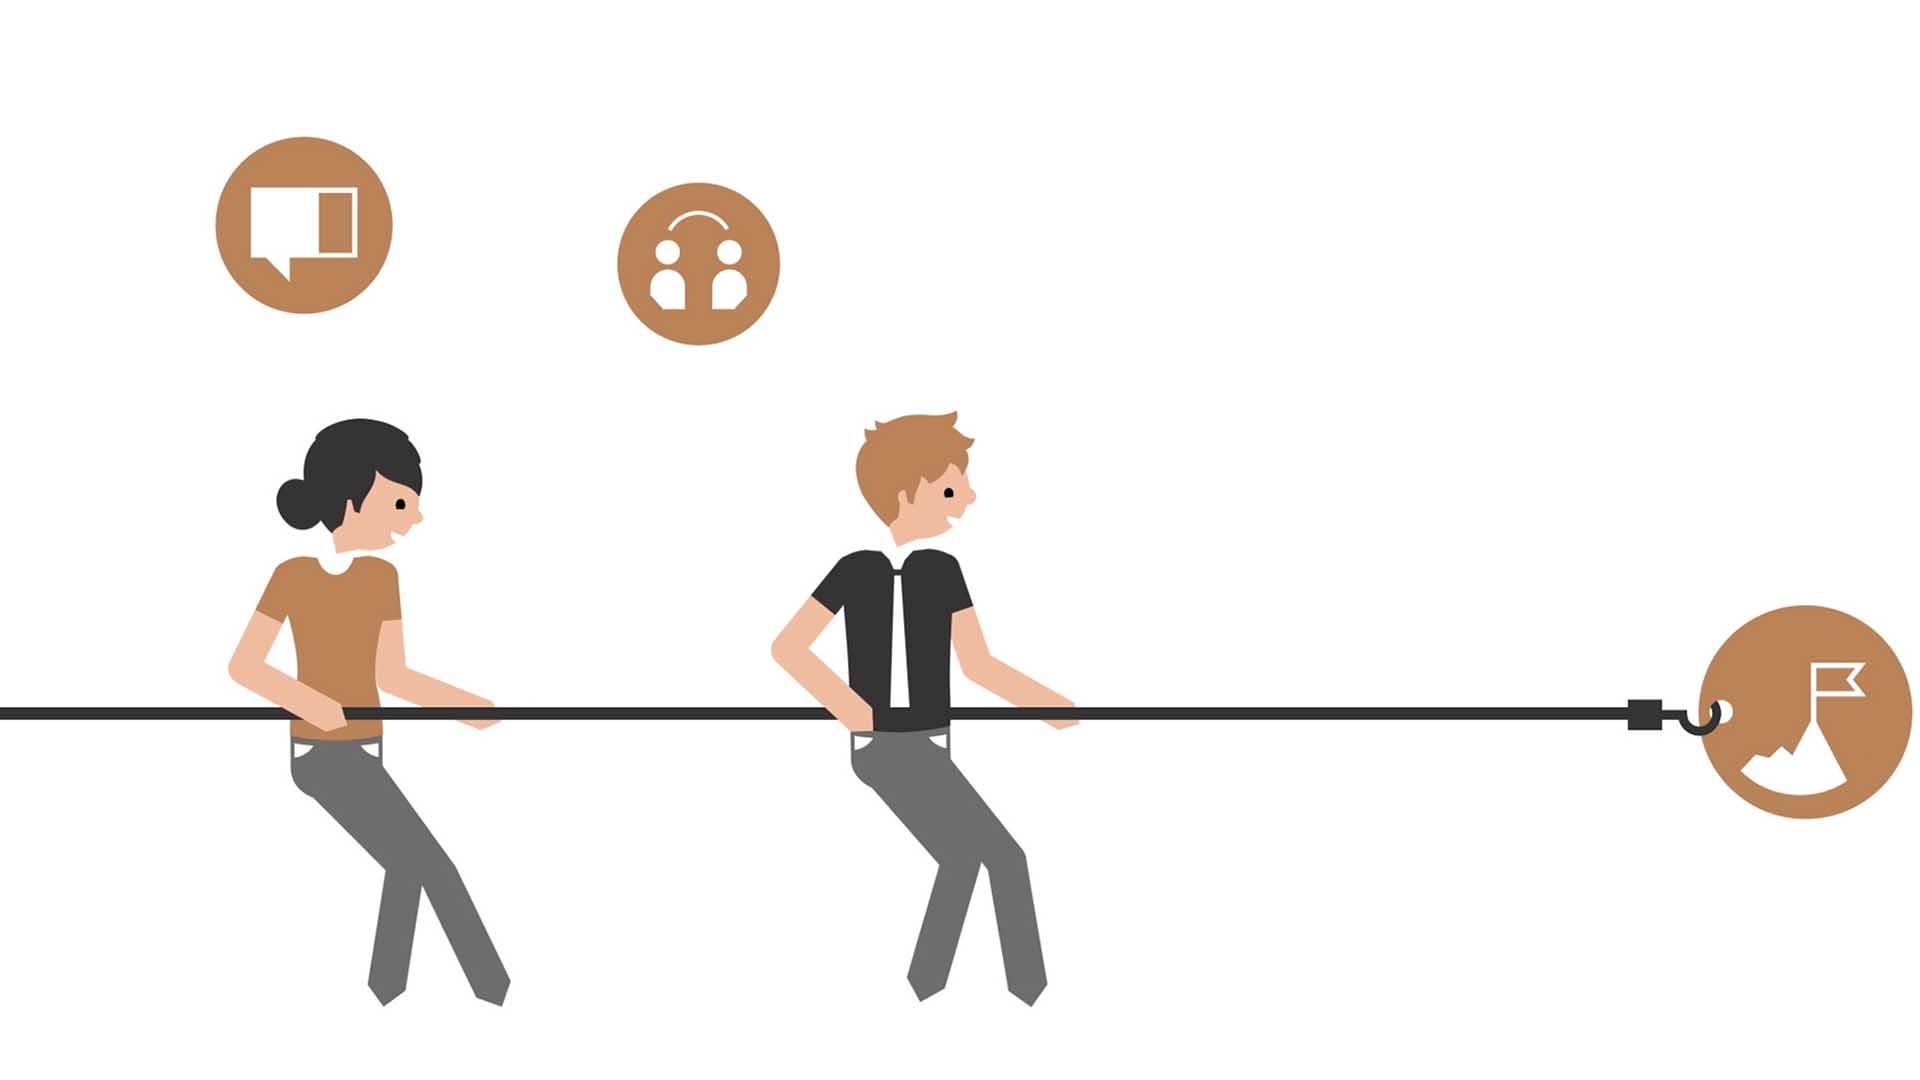 Das Bild zeigt eine Animation. Man sieht zwei Menschen die sich an einer Schnur festhalten an der ein Haken angebracht ist. Dieser mündet in einer braunen Blase. In dieser Blase steht ein Berg auf dem eine Flagge weht. Über den beiden sind zwei weitere Blasen zu sehen, in diesen ist einmal eine Sprechblase und einmal zwei Menschen dient durch einen Strich verbunden sind zu sehen. Das Bild dient als Sliderbild für den Portfolioeintrag PROGENIUM Erkärfilm von Panda Pictures.